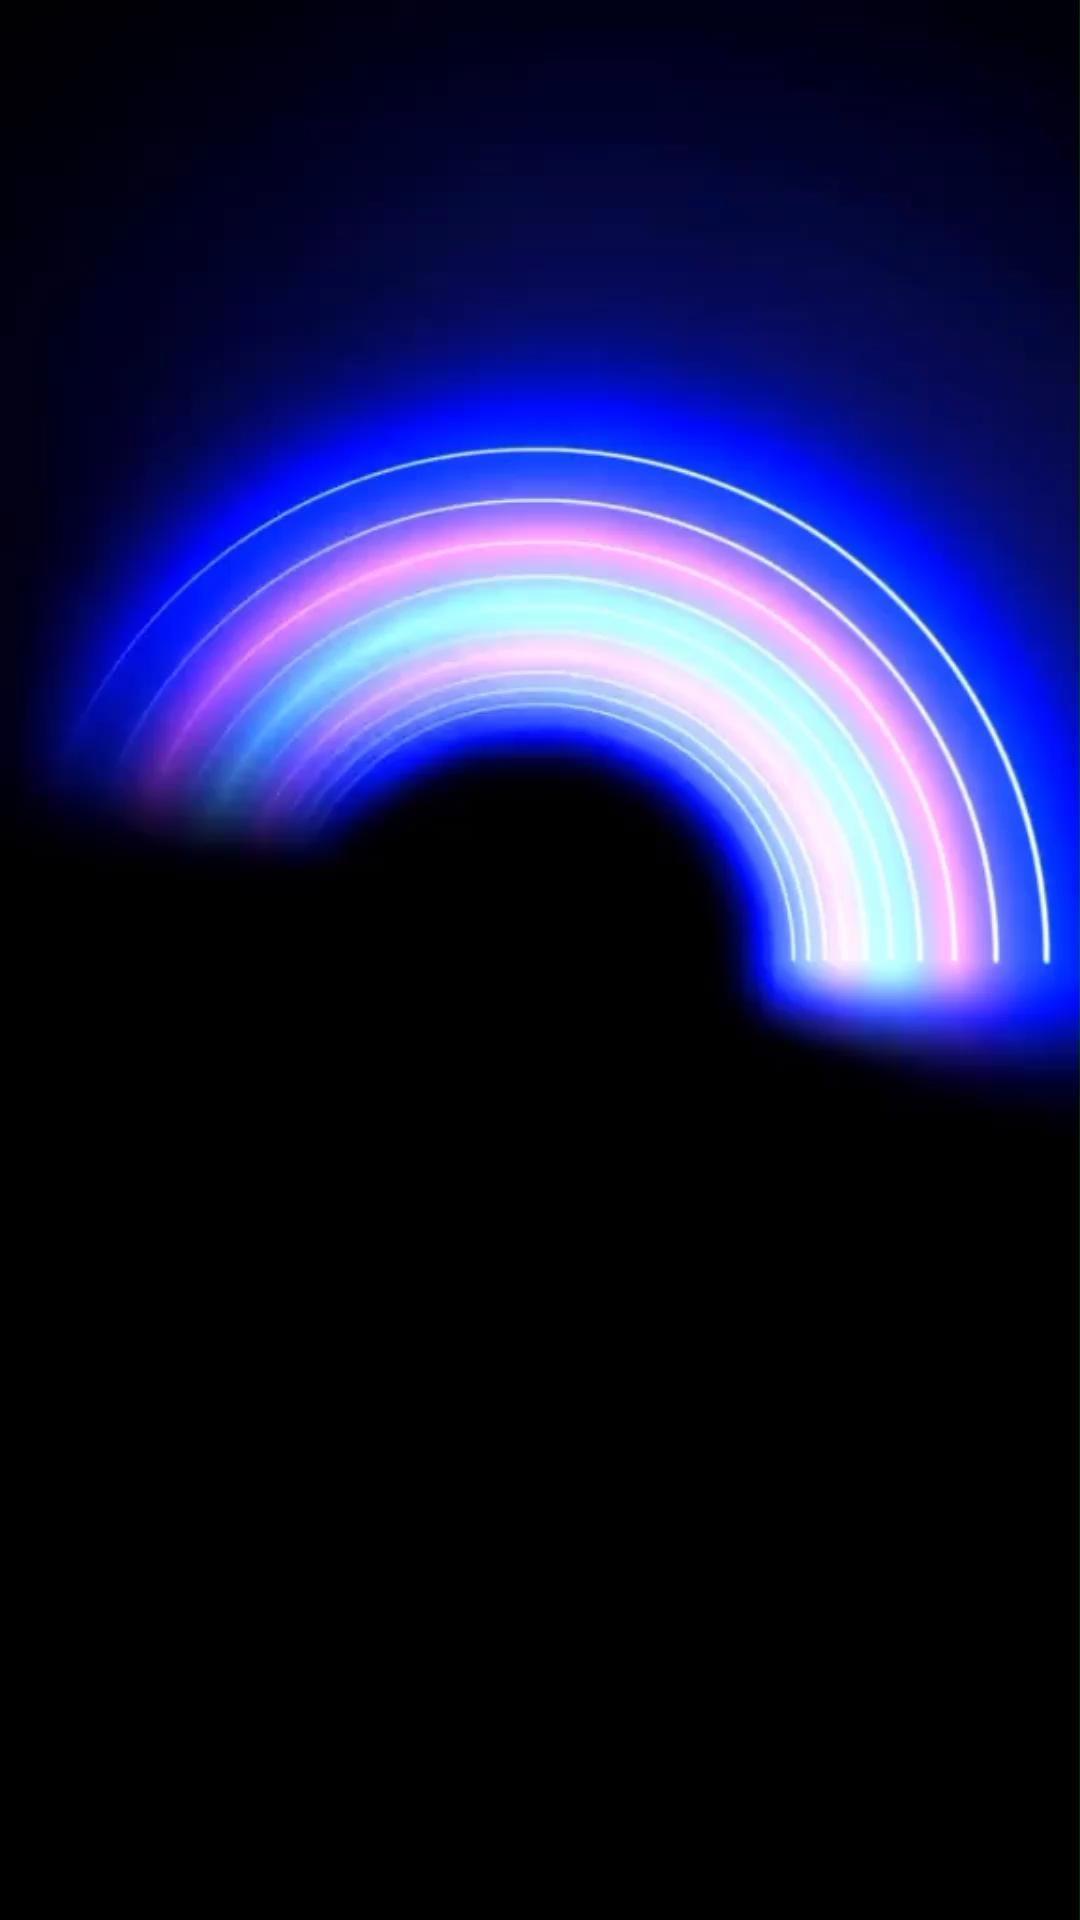 Hình nền động trừu tượng đầy sắc màu